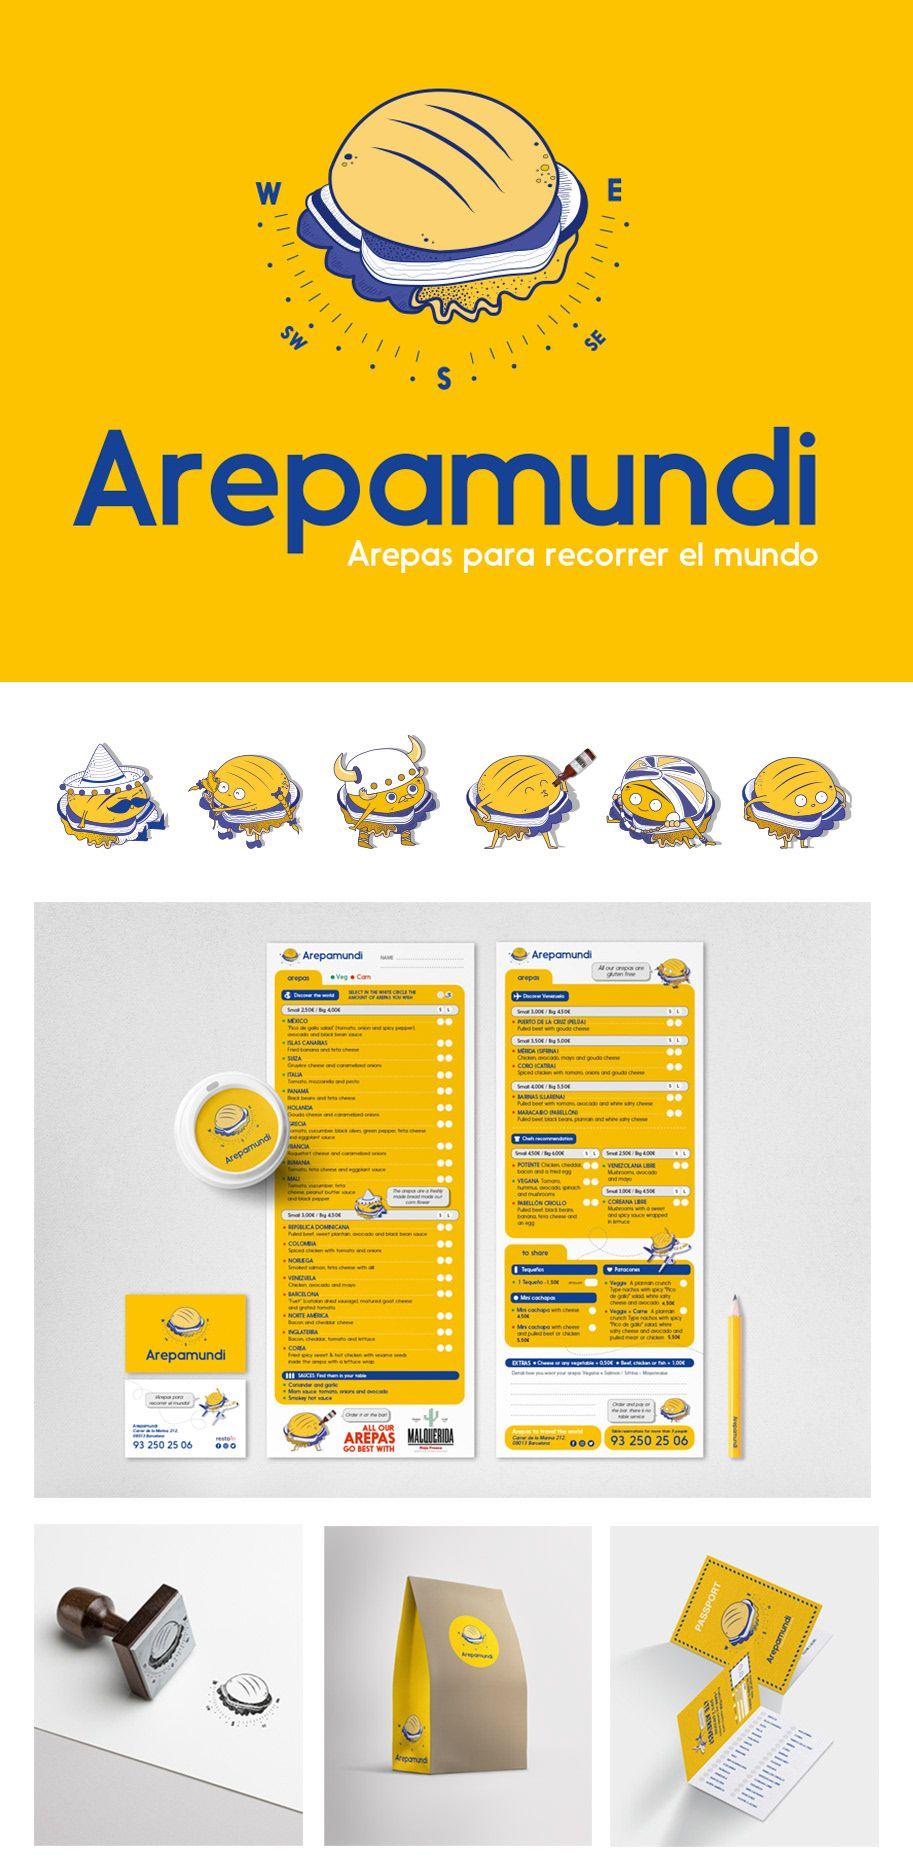 Pin de Xurris & Co en XURRIS Style | Pinterest | Logotipos diseño ...